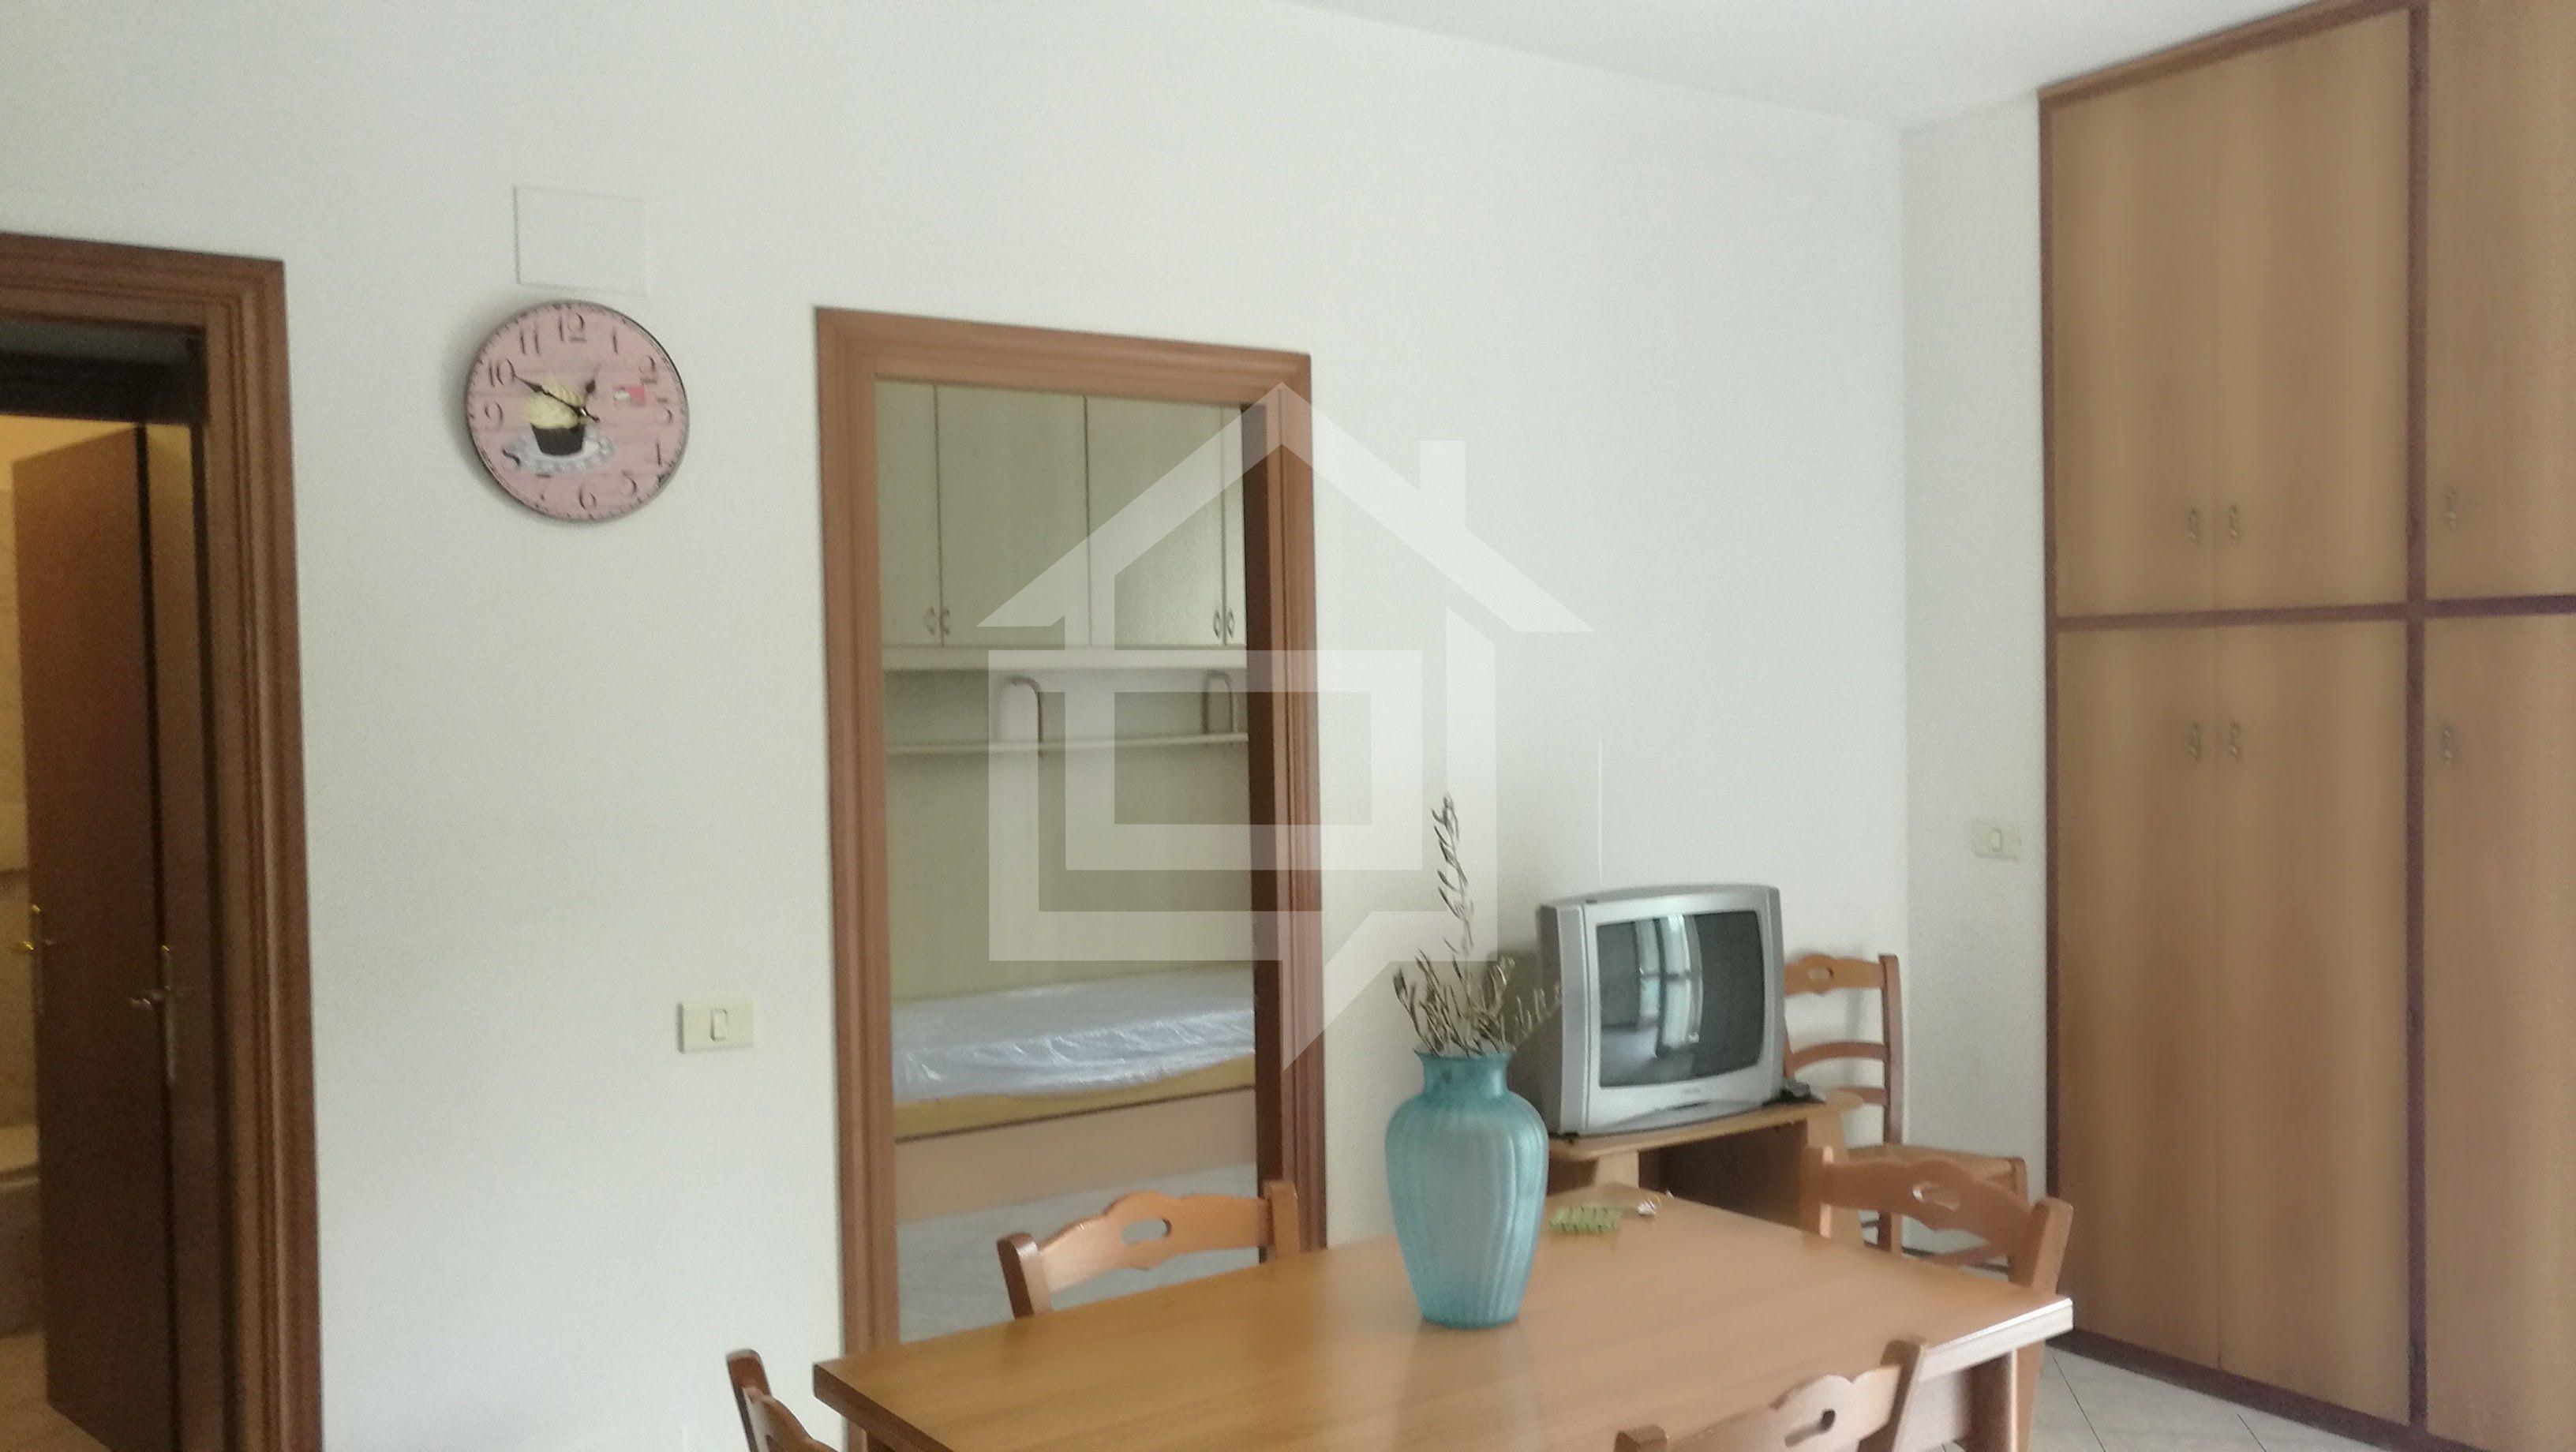 Divicasa appartamento in affitto a perugia perugia - Affitto appartamento perugia giardino ...